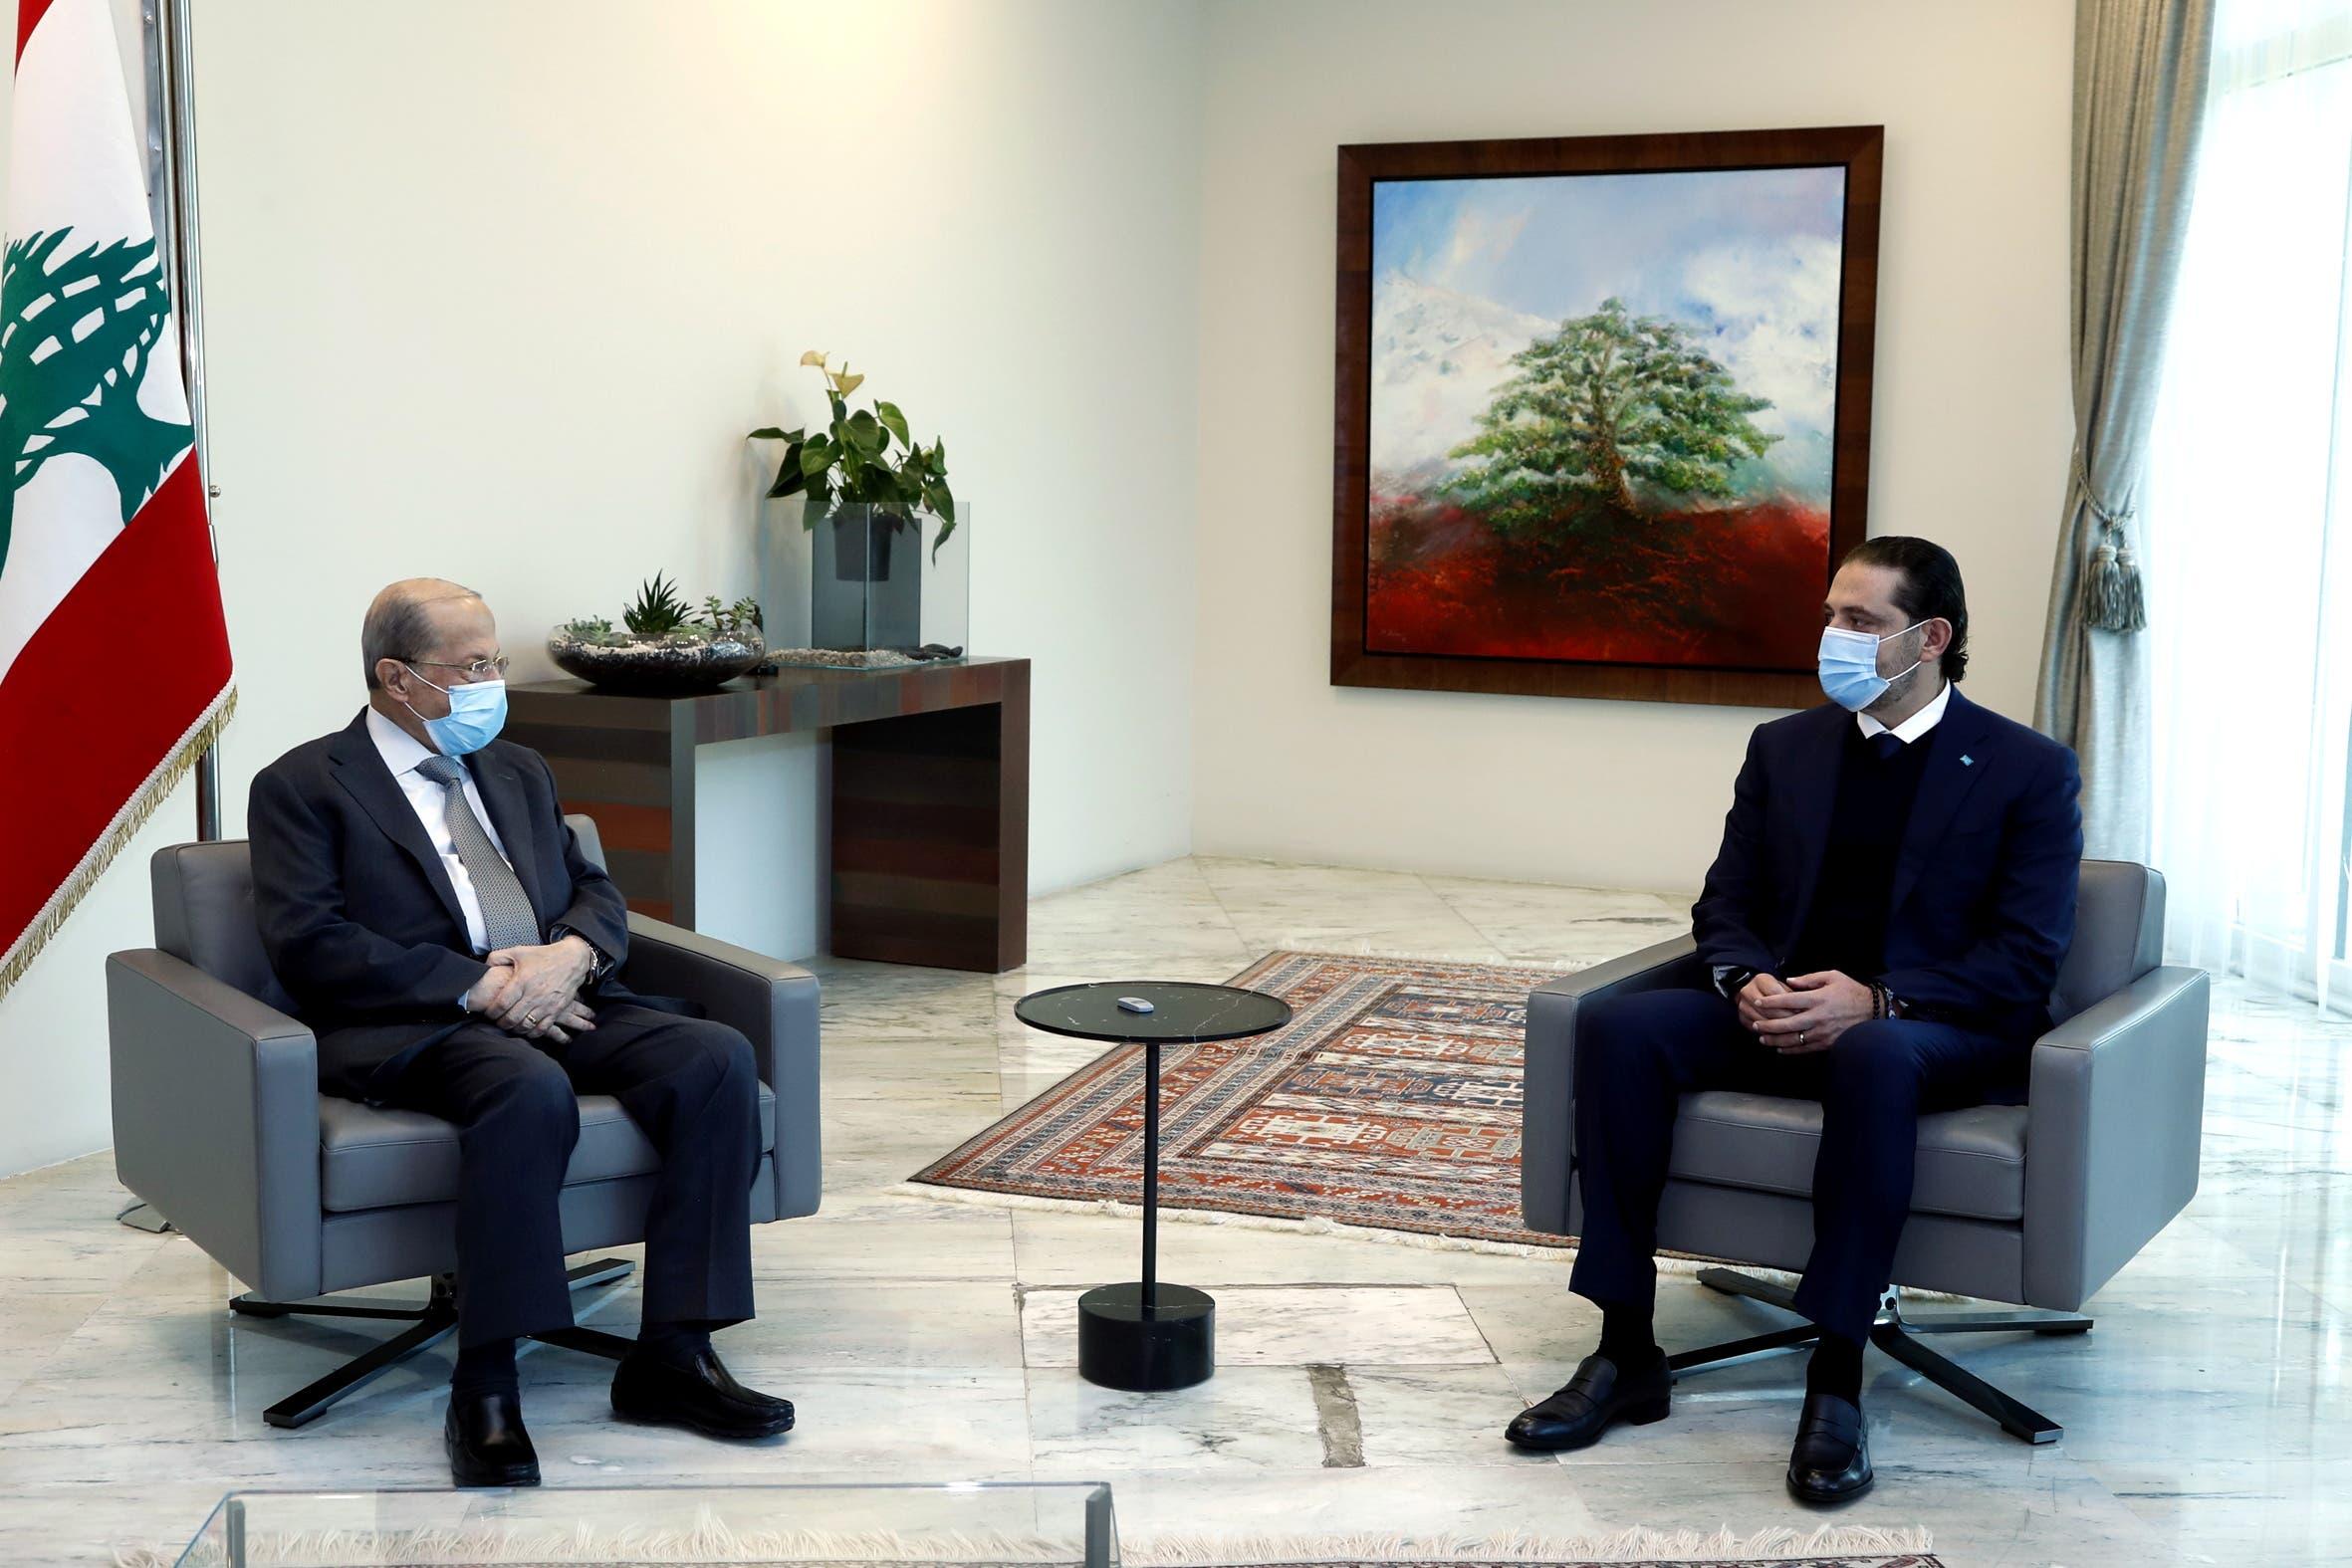 لقاء الحريري وعون بالقصر الجمهوري في بعبدا يوم 12 فبراير